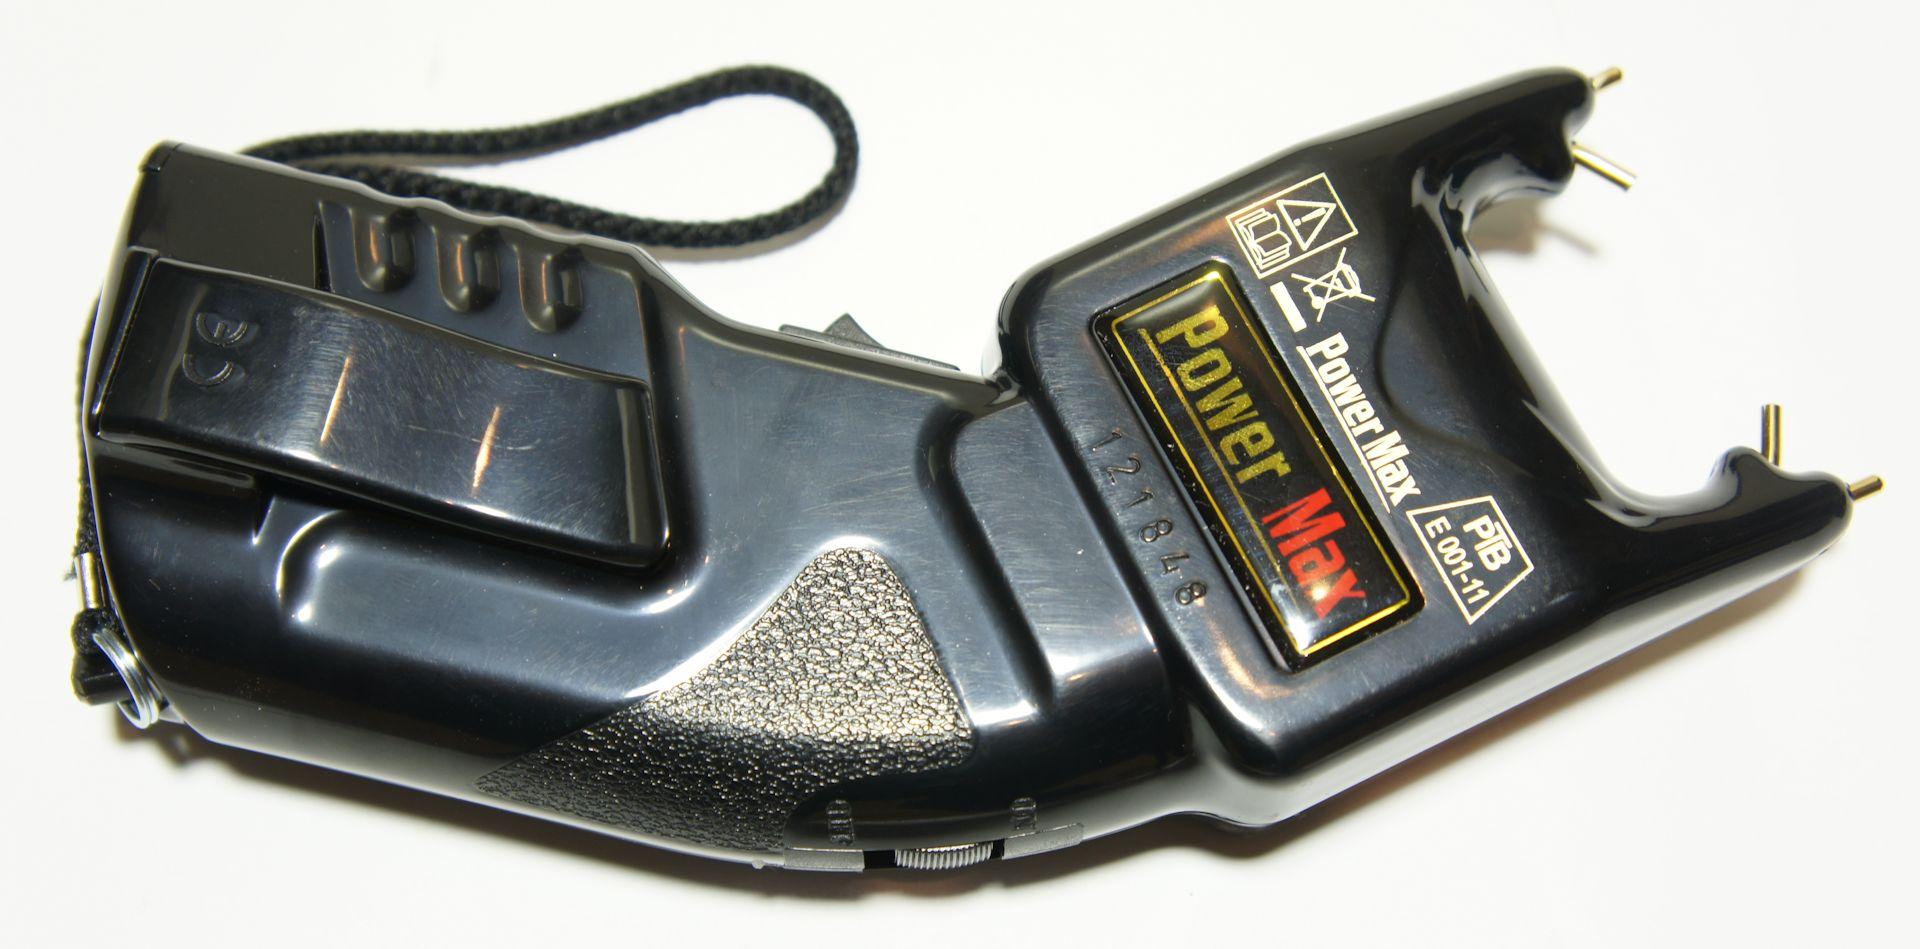 Das Gerät trägt die vorgeschriebenen Prüfzeichen und ist in Deutschland zugelassen.